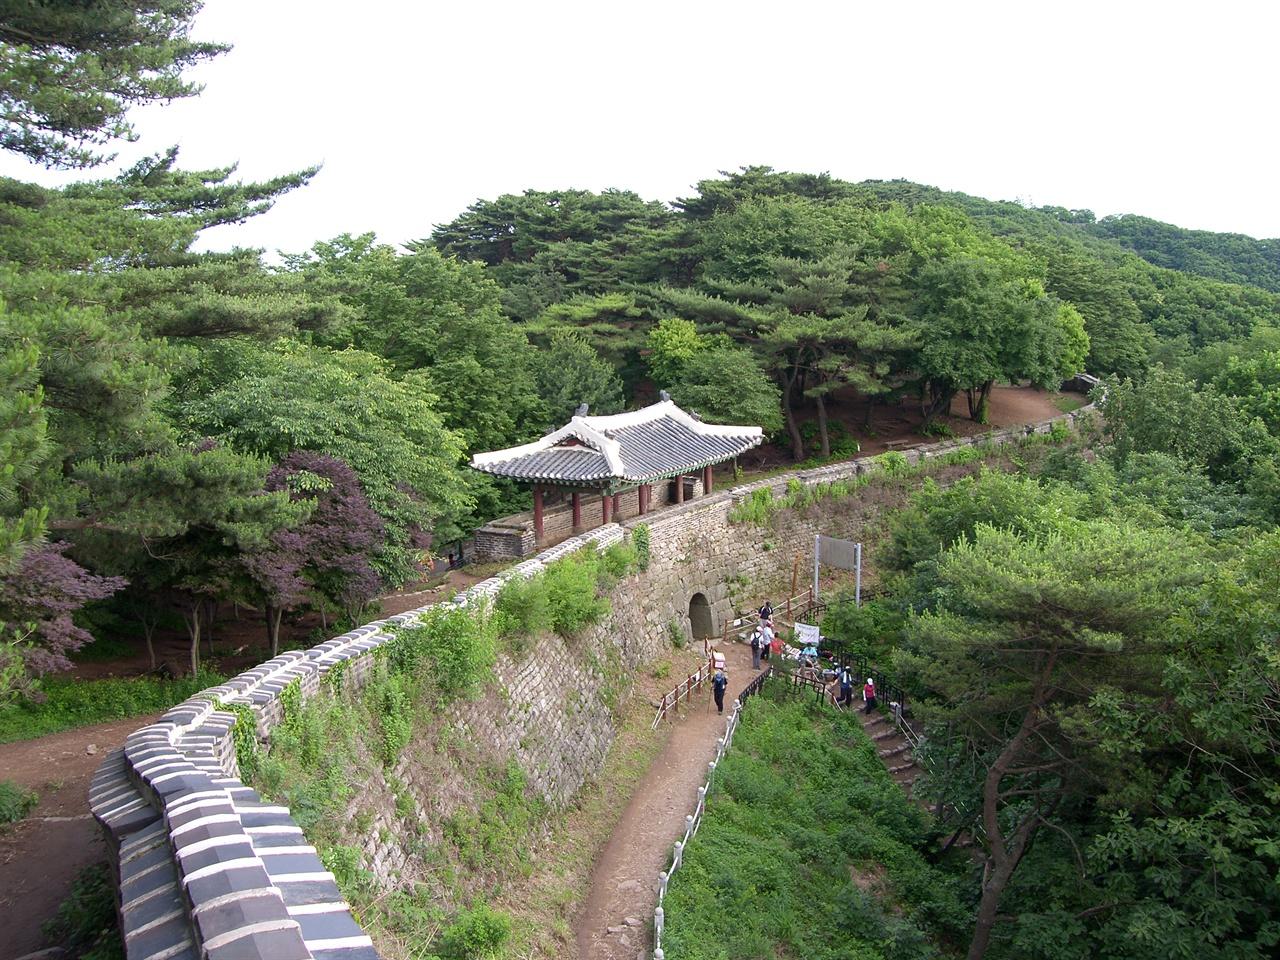 남한산성 서문 인조가 홍타이지에게 항복하기 위해 나섰던 문이다